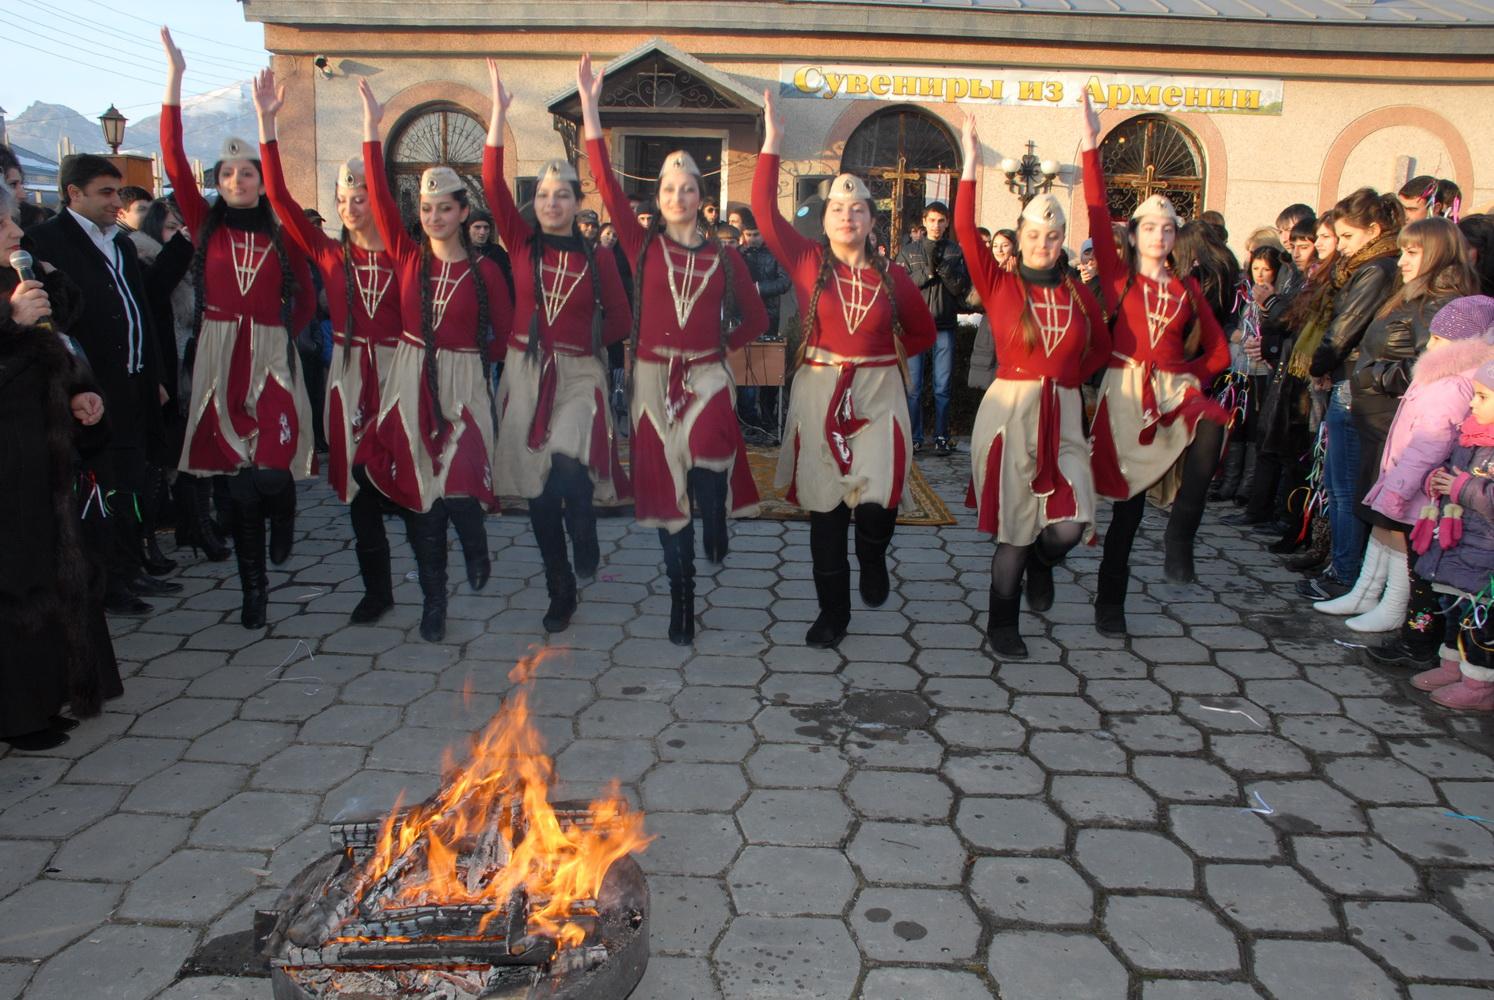 Трндез - армянский национальный праздник, который ежегодно широко отмечается 13 февраля